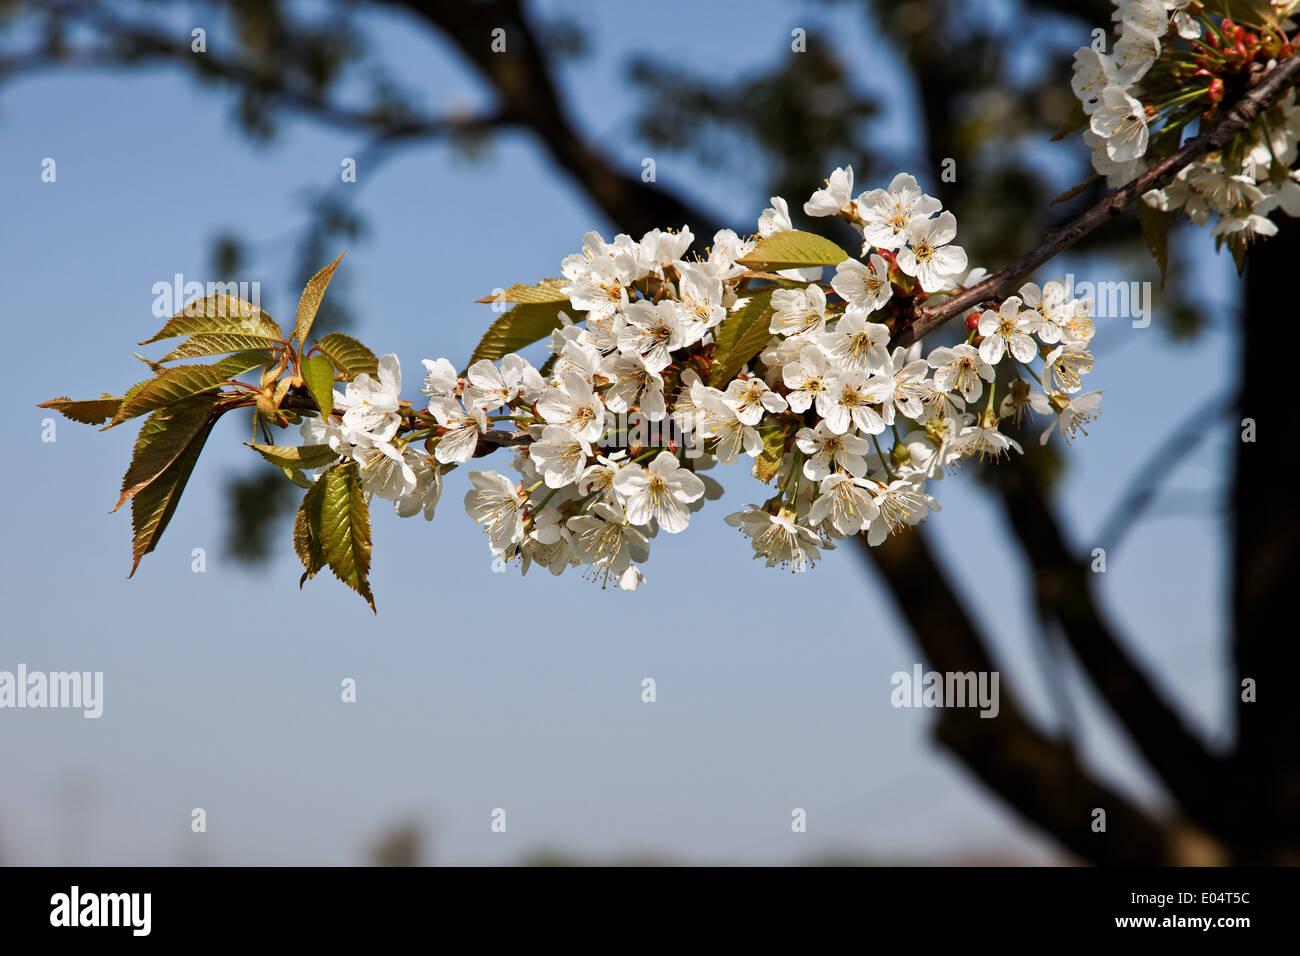 Singles blossoming cherry tree branch before blue sky, Einzelner bluehender Kirschbaum Zweig vor blauem Himmel - Stock Image